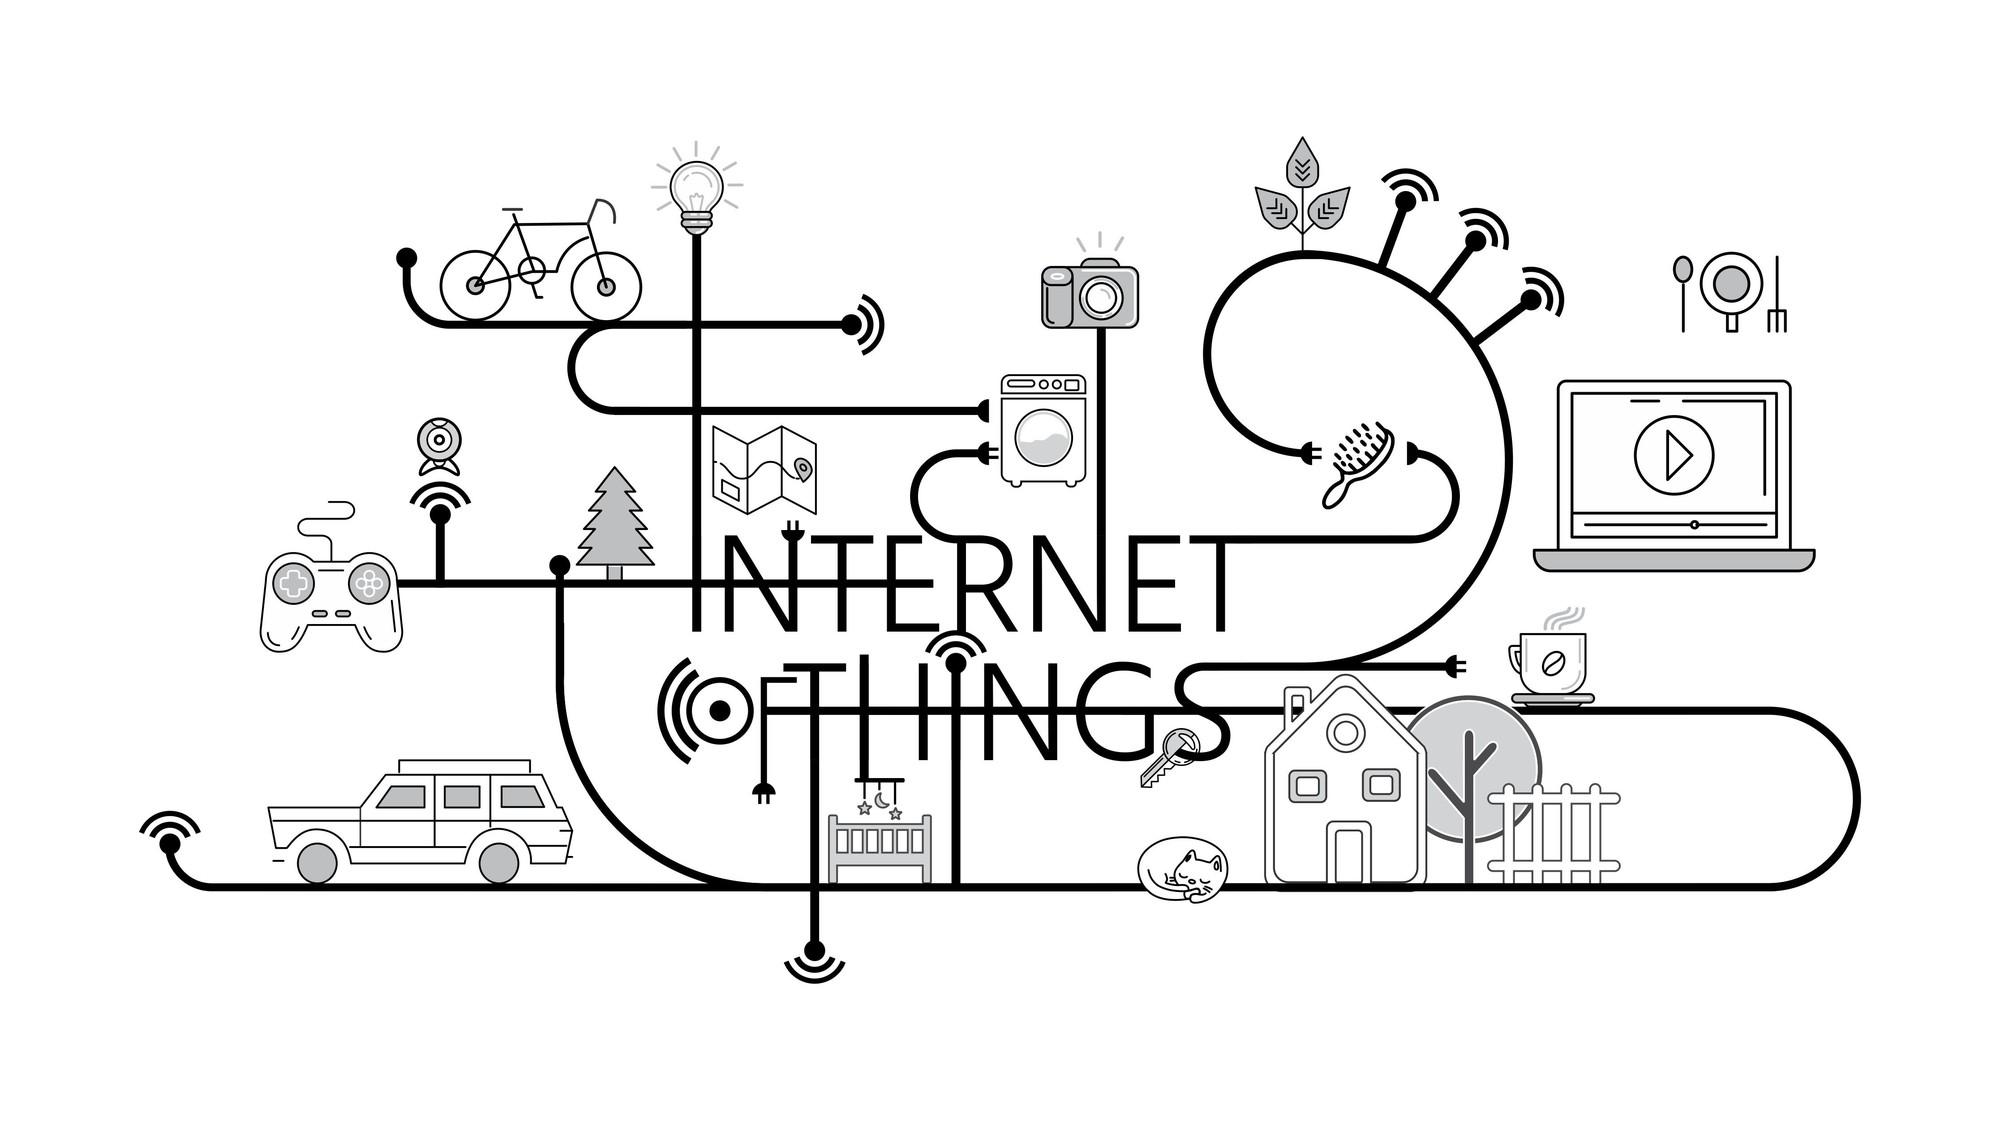 """17 sự thật về """"Internet Of Things"""" (IoT) không phải ai cũng biết - Ảnh 1."""